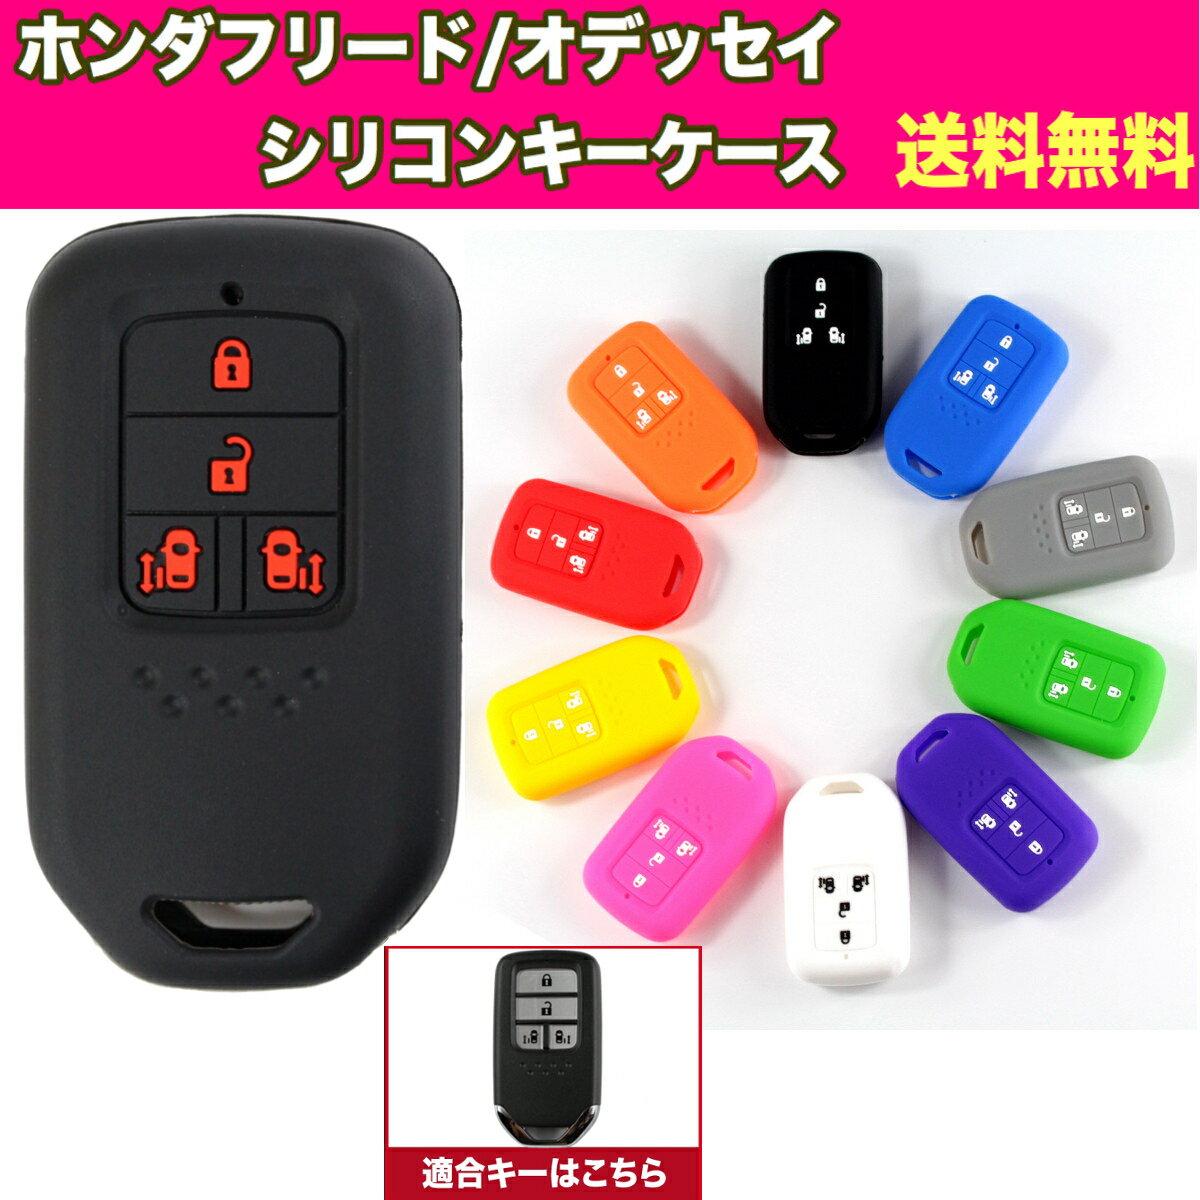 1000円ポッキリ ホンダ 新型オデッセイ/フリード/ステップワゴン キーケース シリコン キーカバー 両側スライドドア 4ボタン専用設計